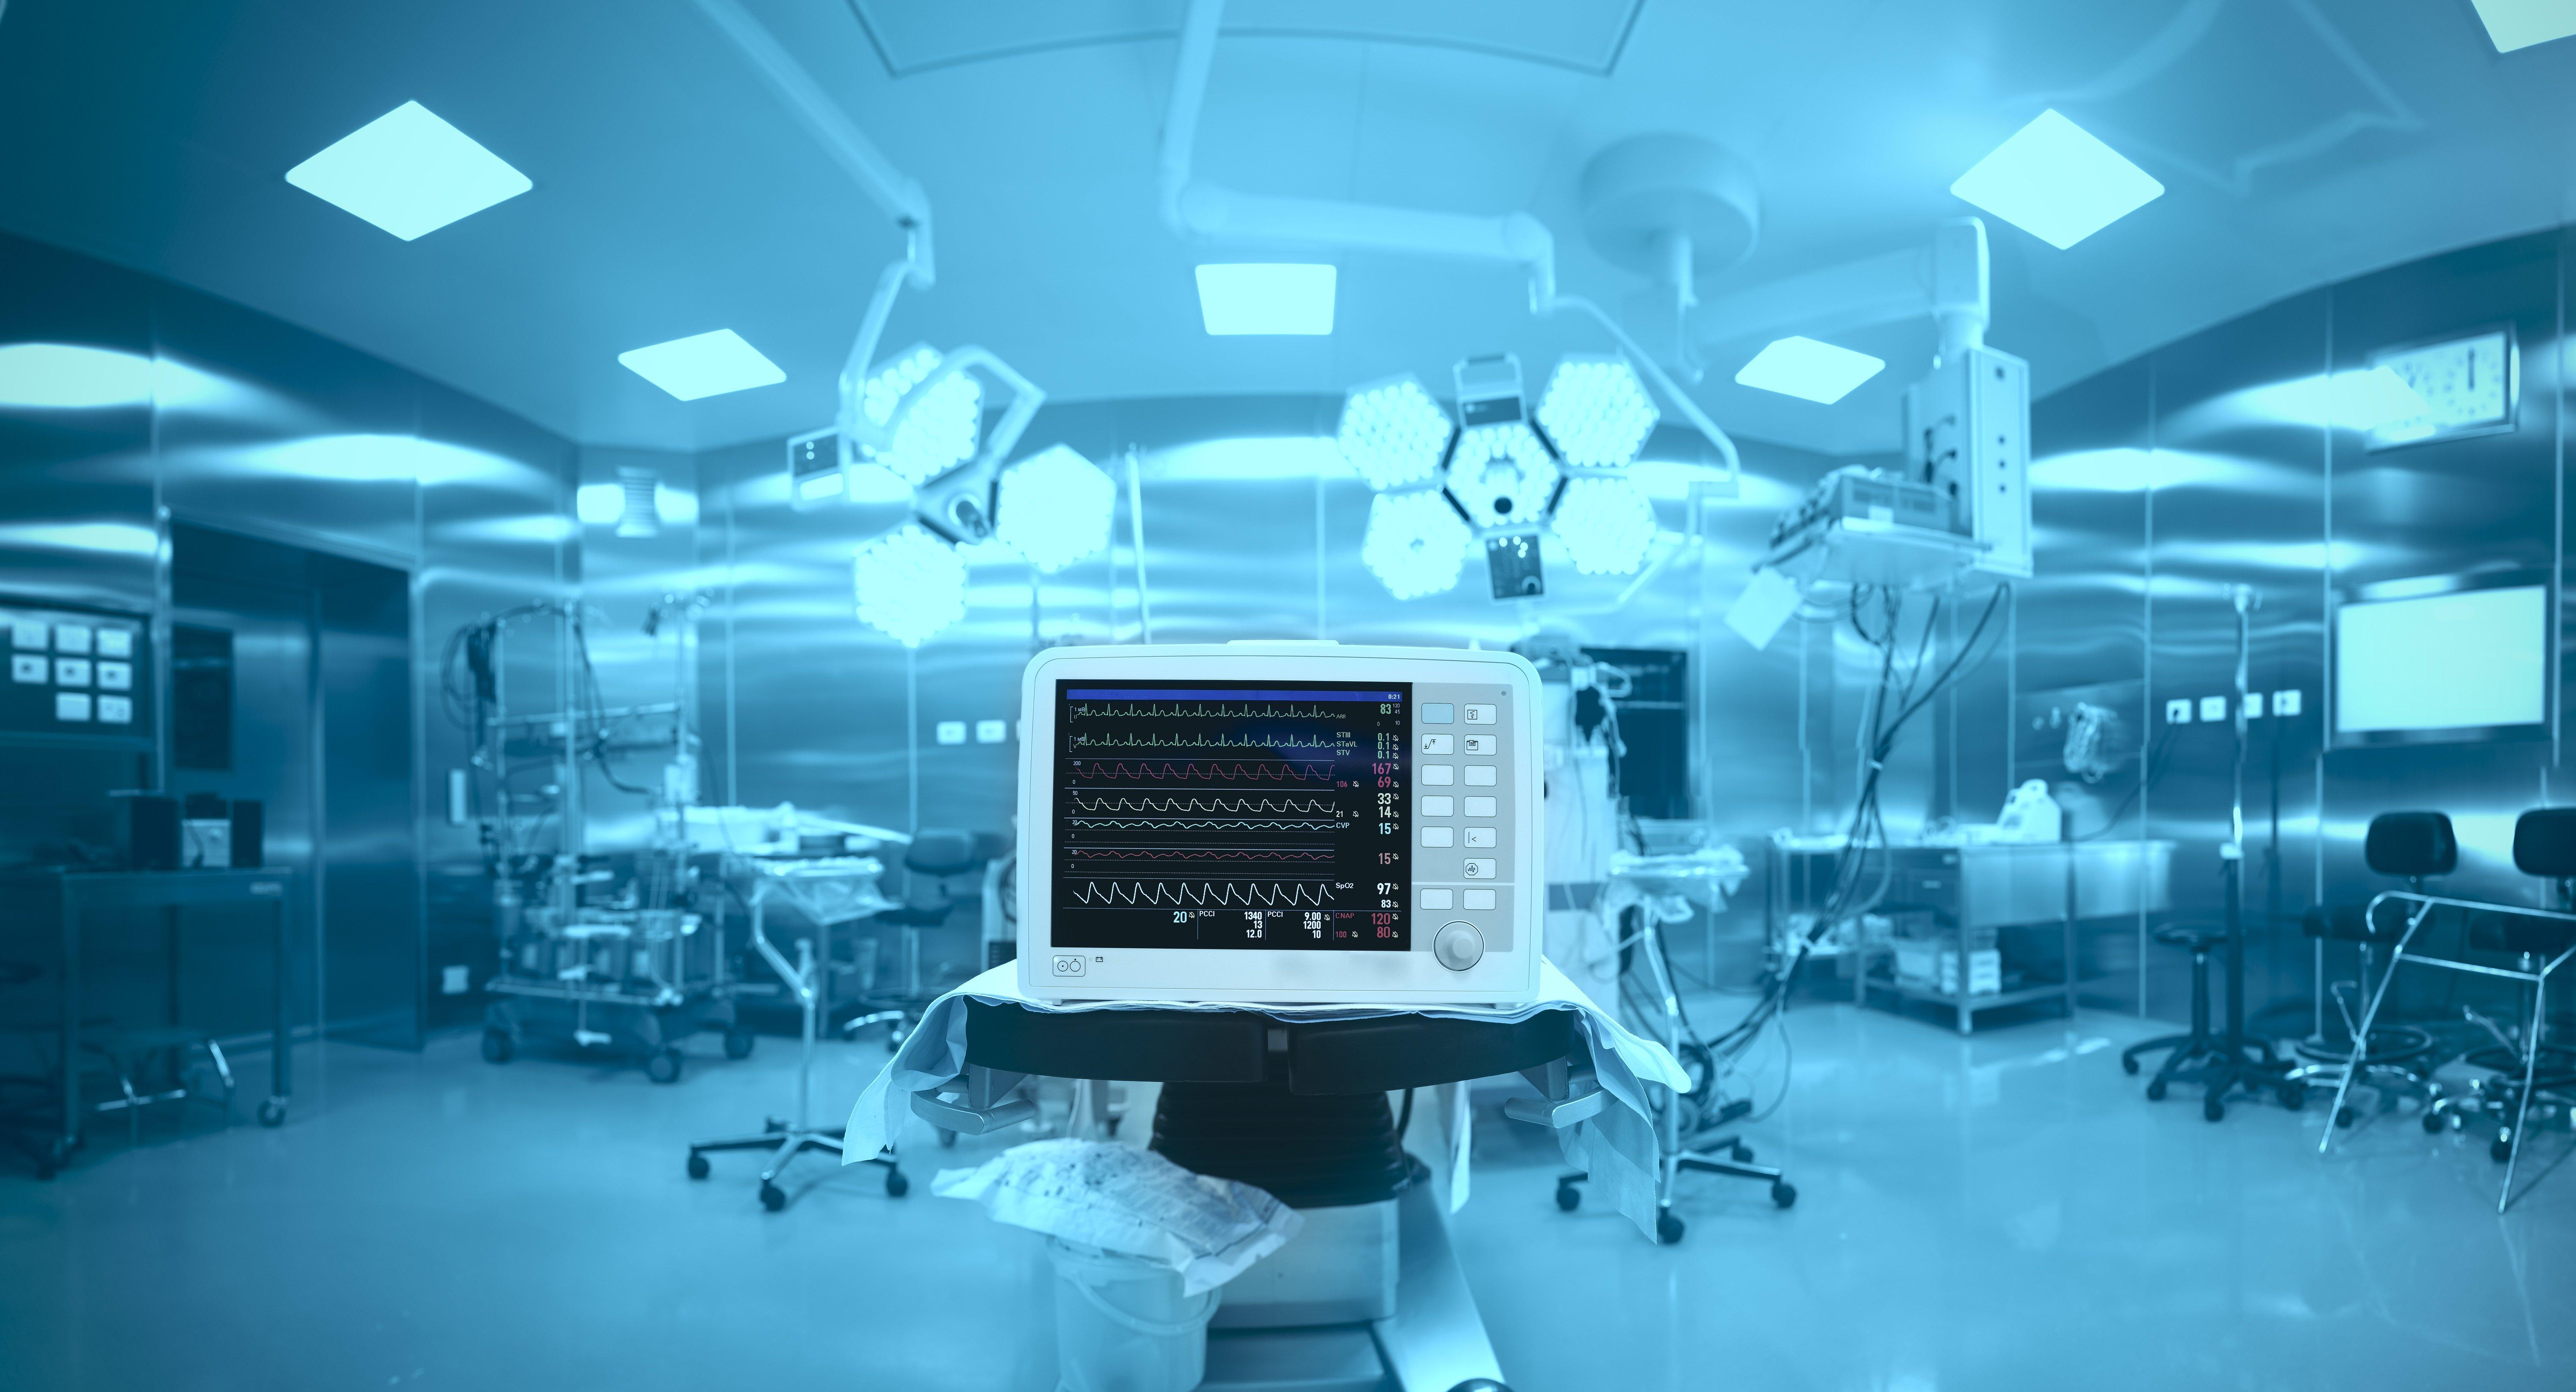 leasingmedicalequipment